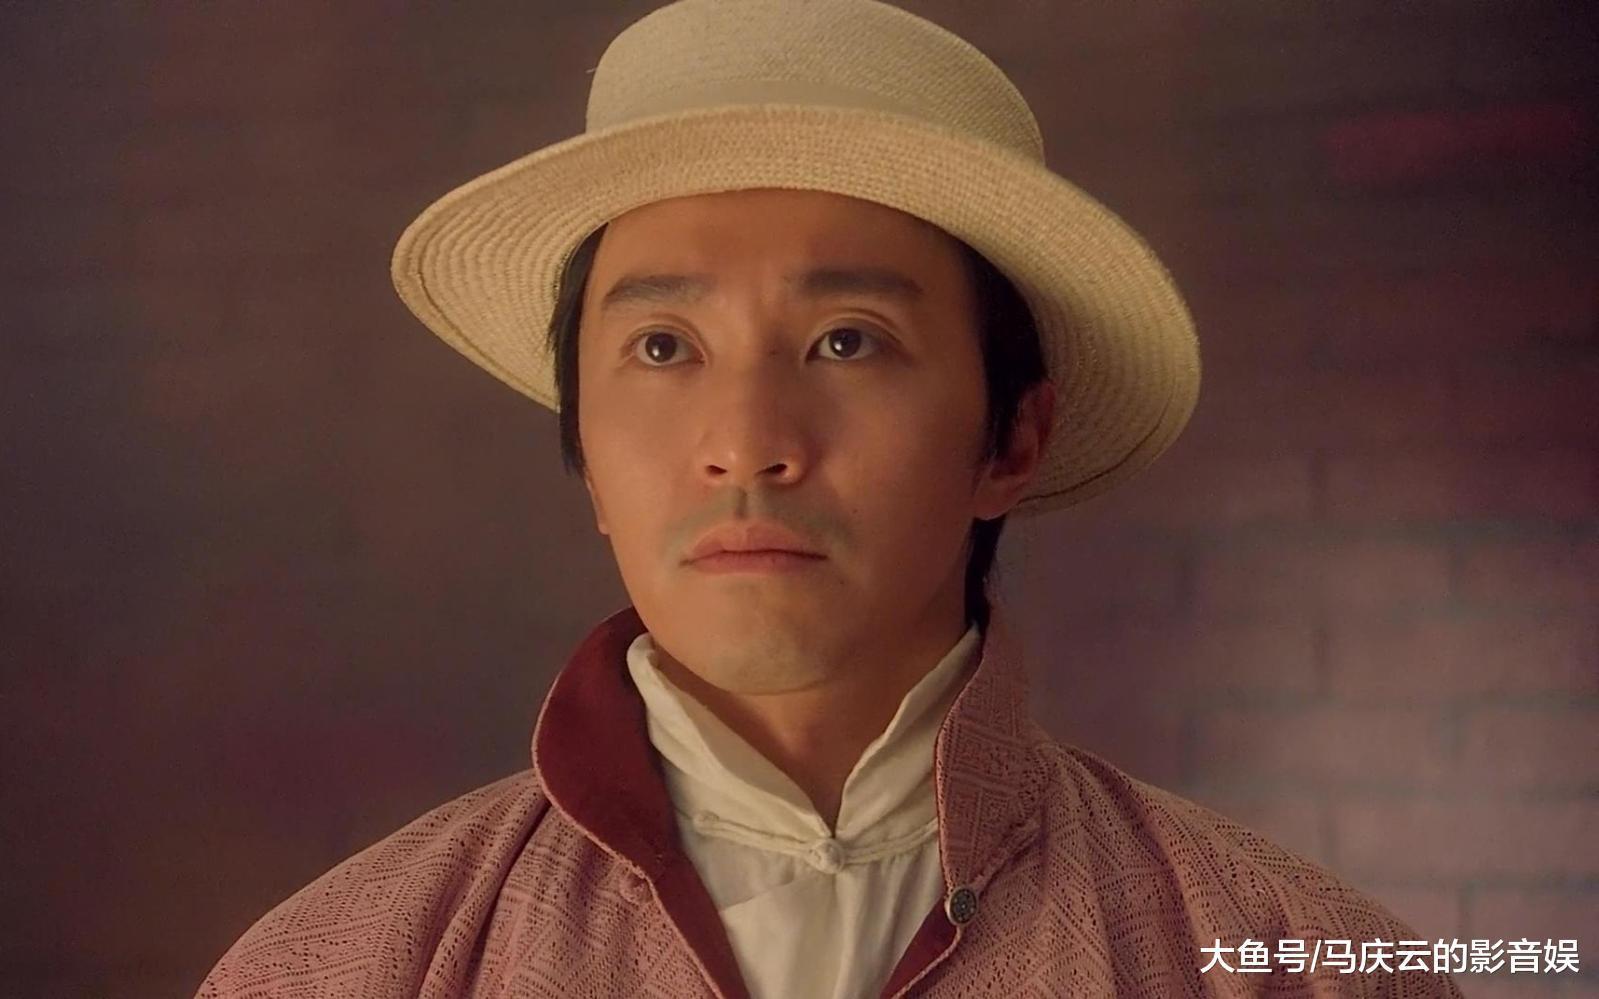 《喜剧之王2》抢滩贺岁档, 王宝强林允主演周星驰或有客串